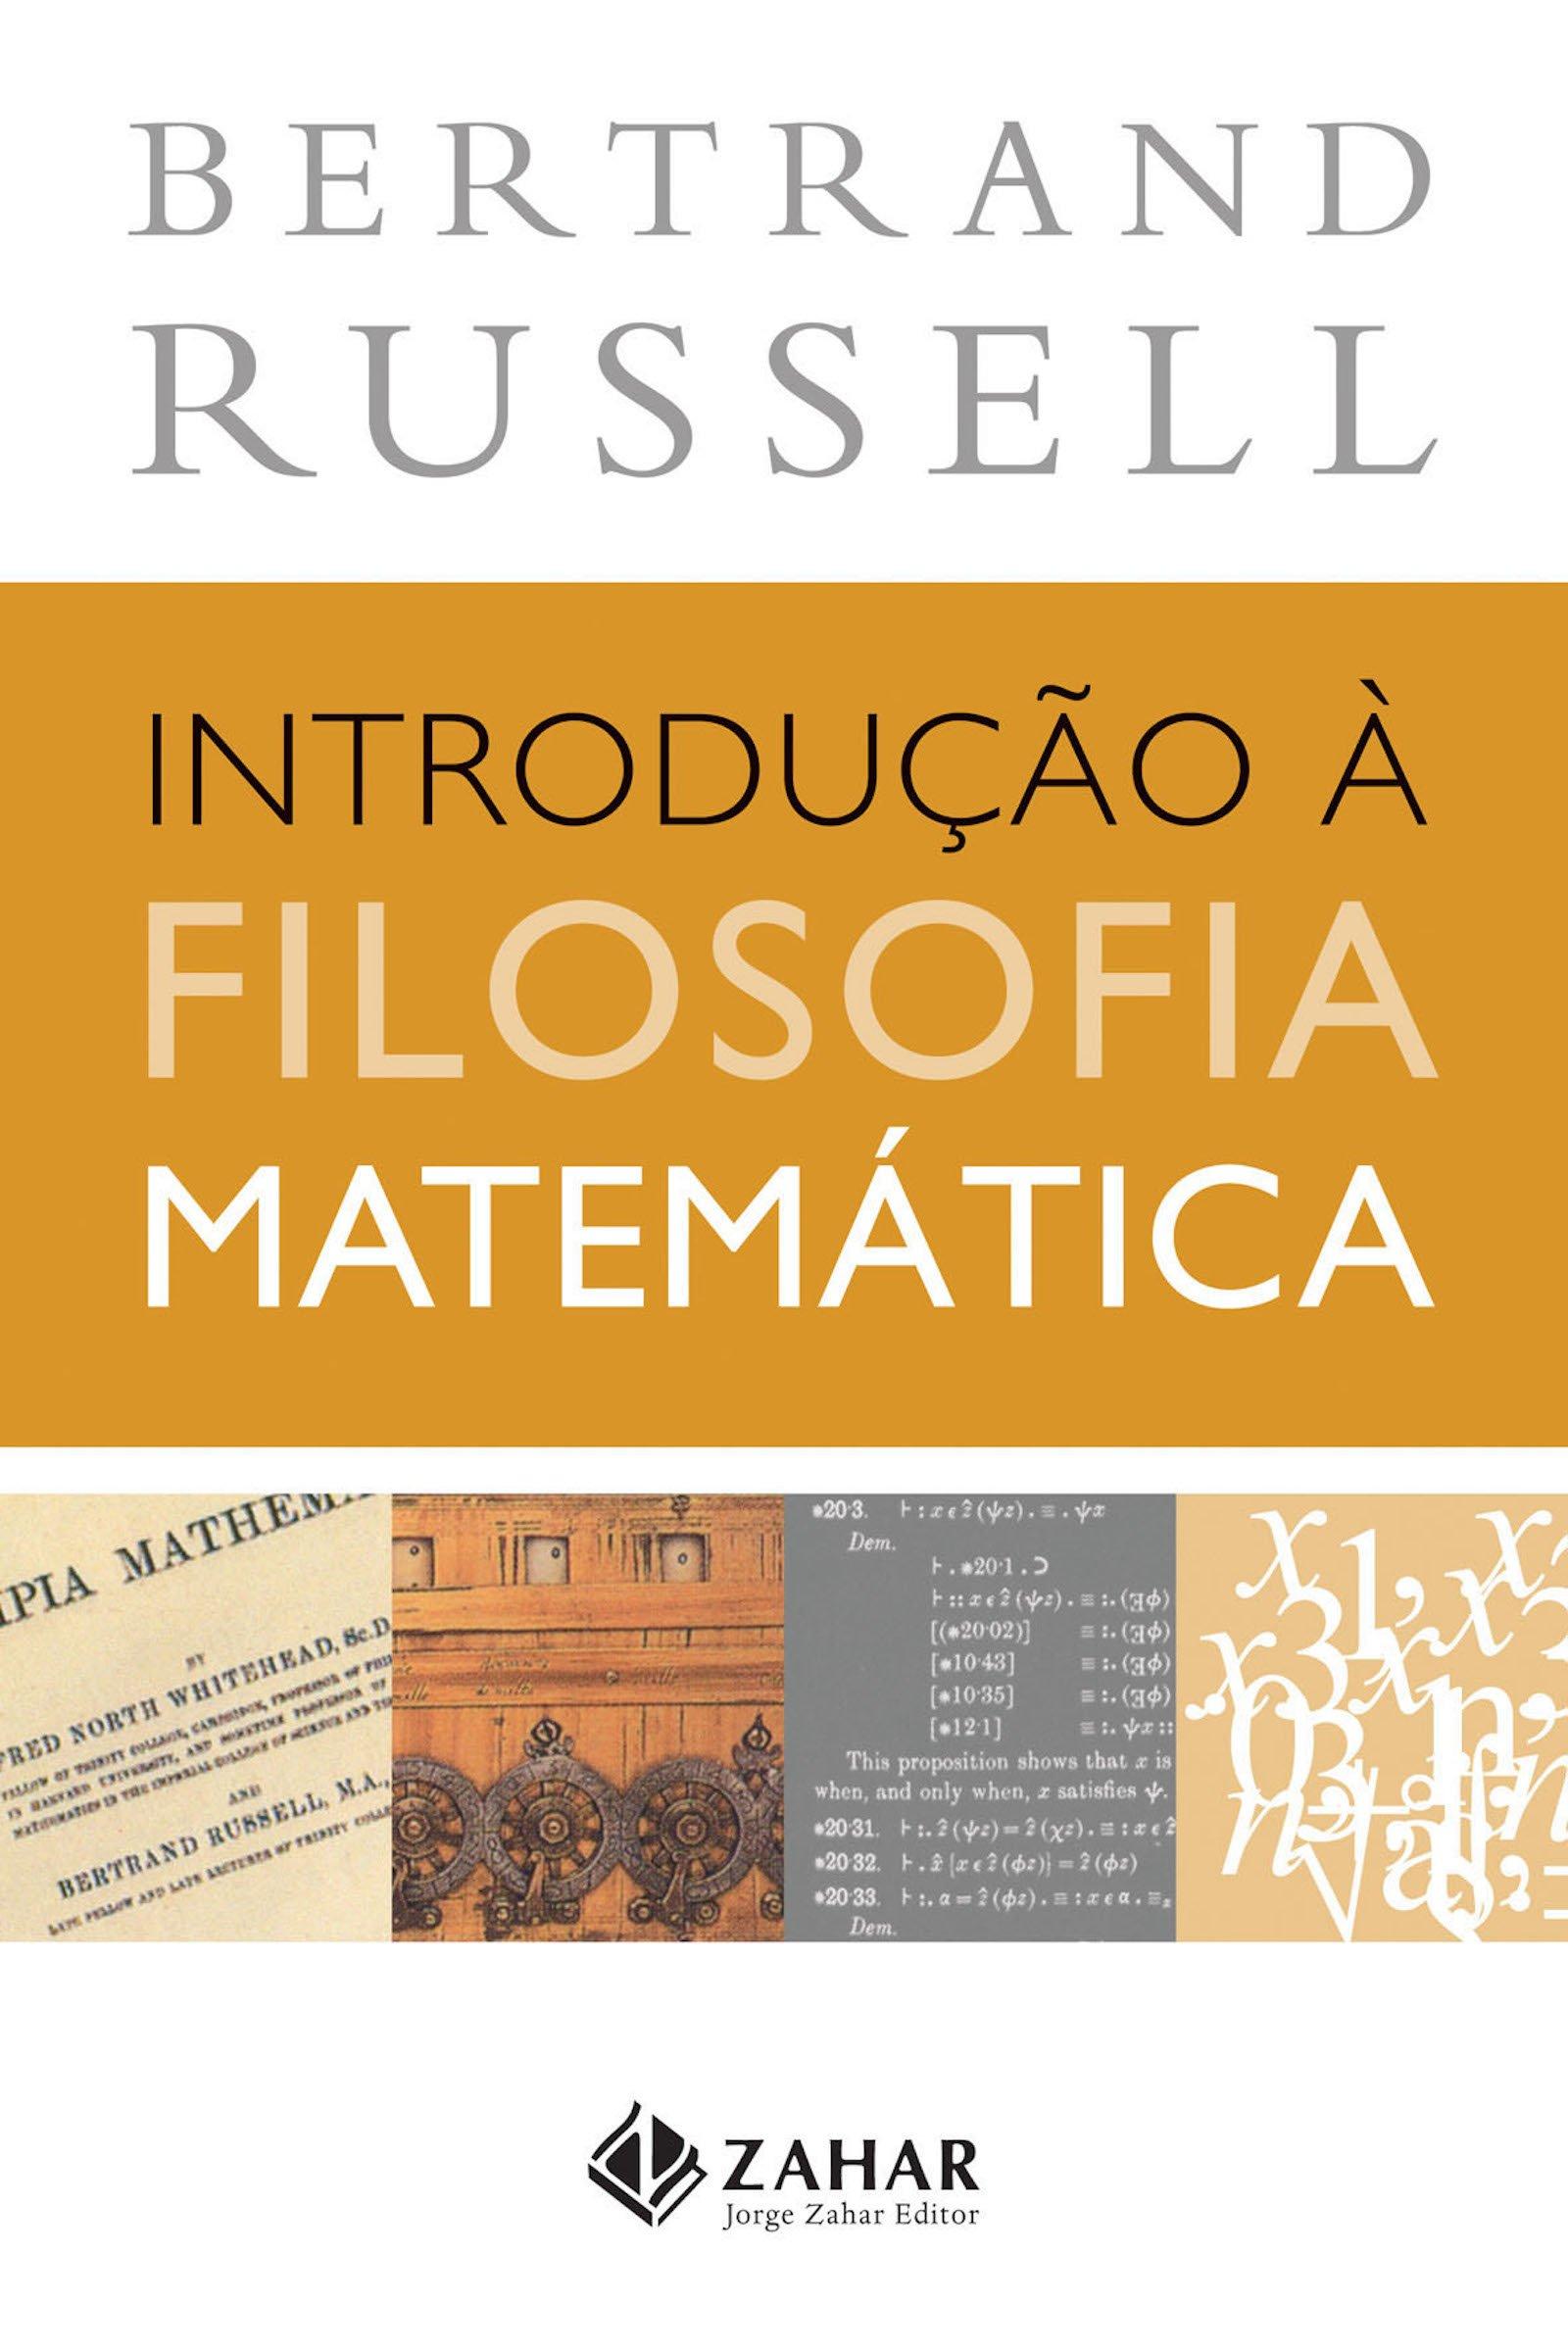 Introduçao à Filosofia Matematica